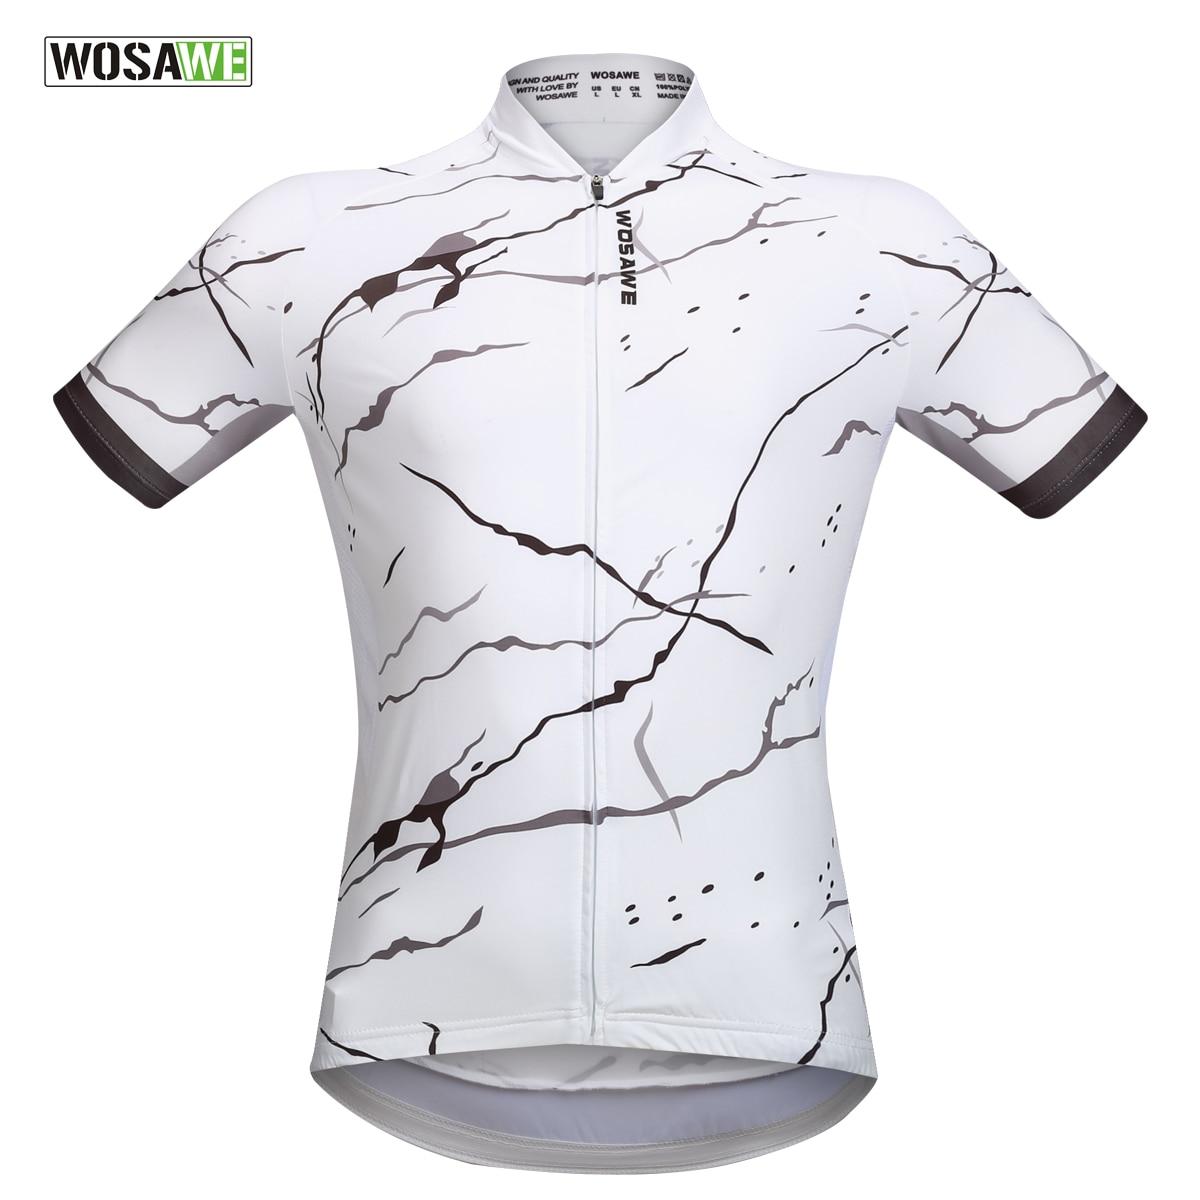 WOSAWE Ciclismo Jersey Manga Curta Bicicleta Roupas para Homens Roupas Ropa  ciclismo Ciclismo Desgaste Do Verão 44f77a18afe64